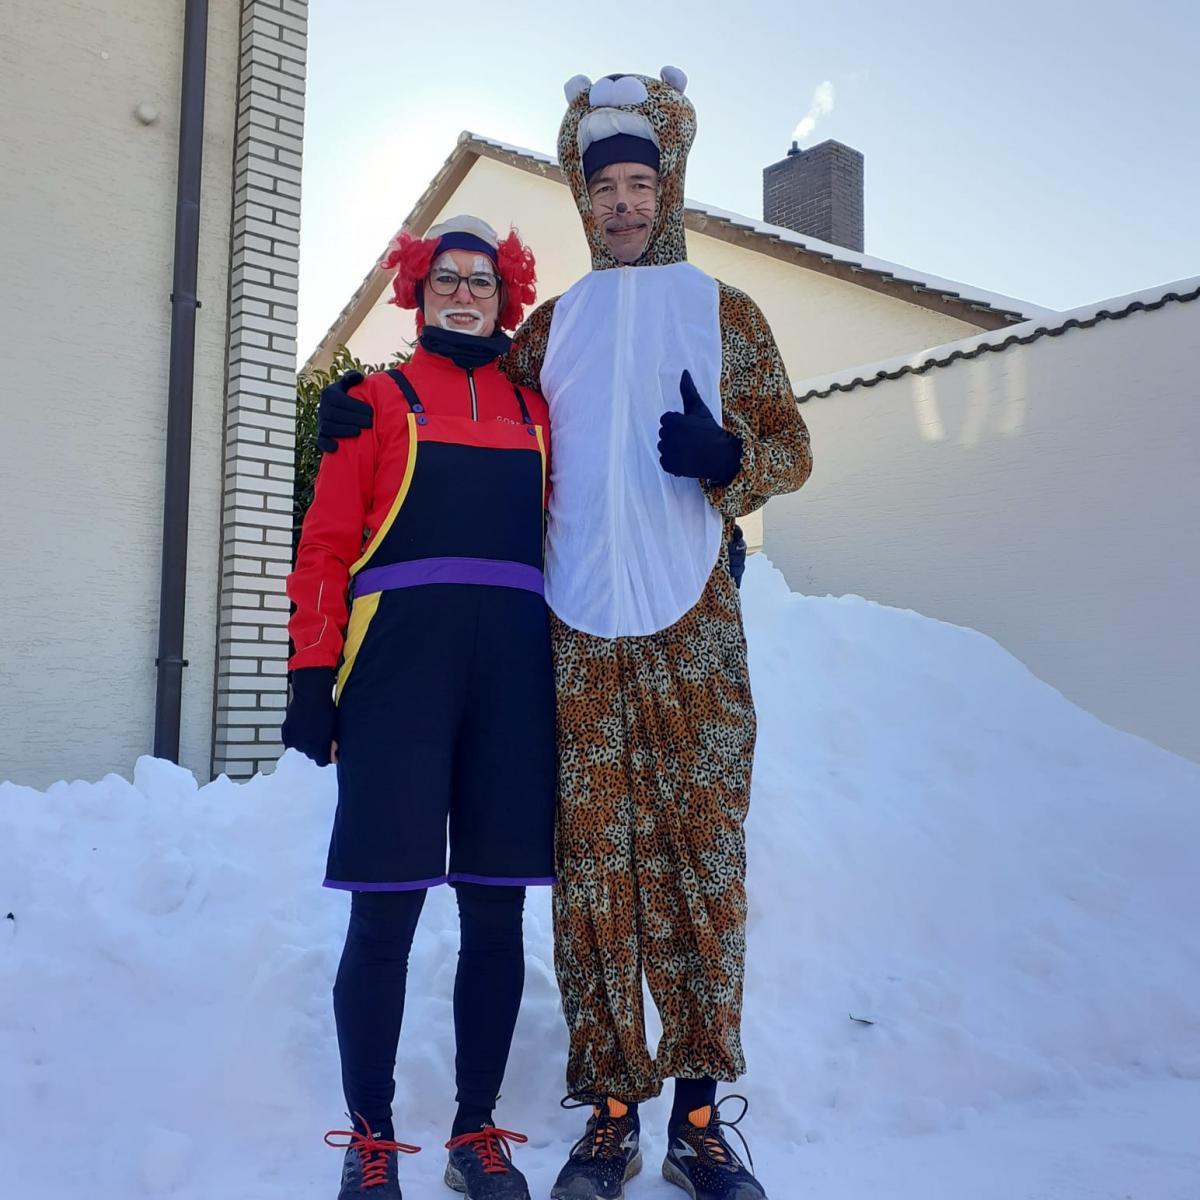 Ernst-Nicole-7-Challenge-Karnevalslauf-d1Zix